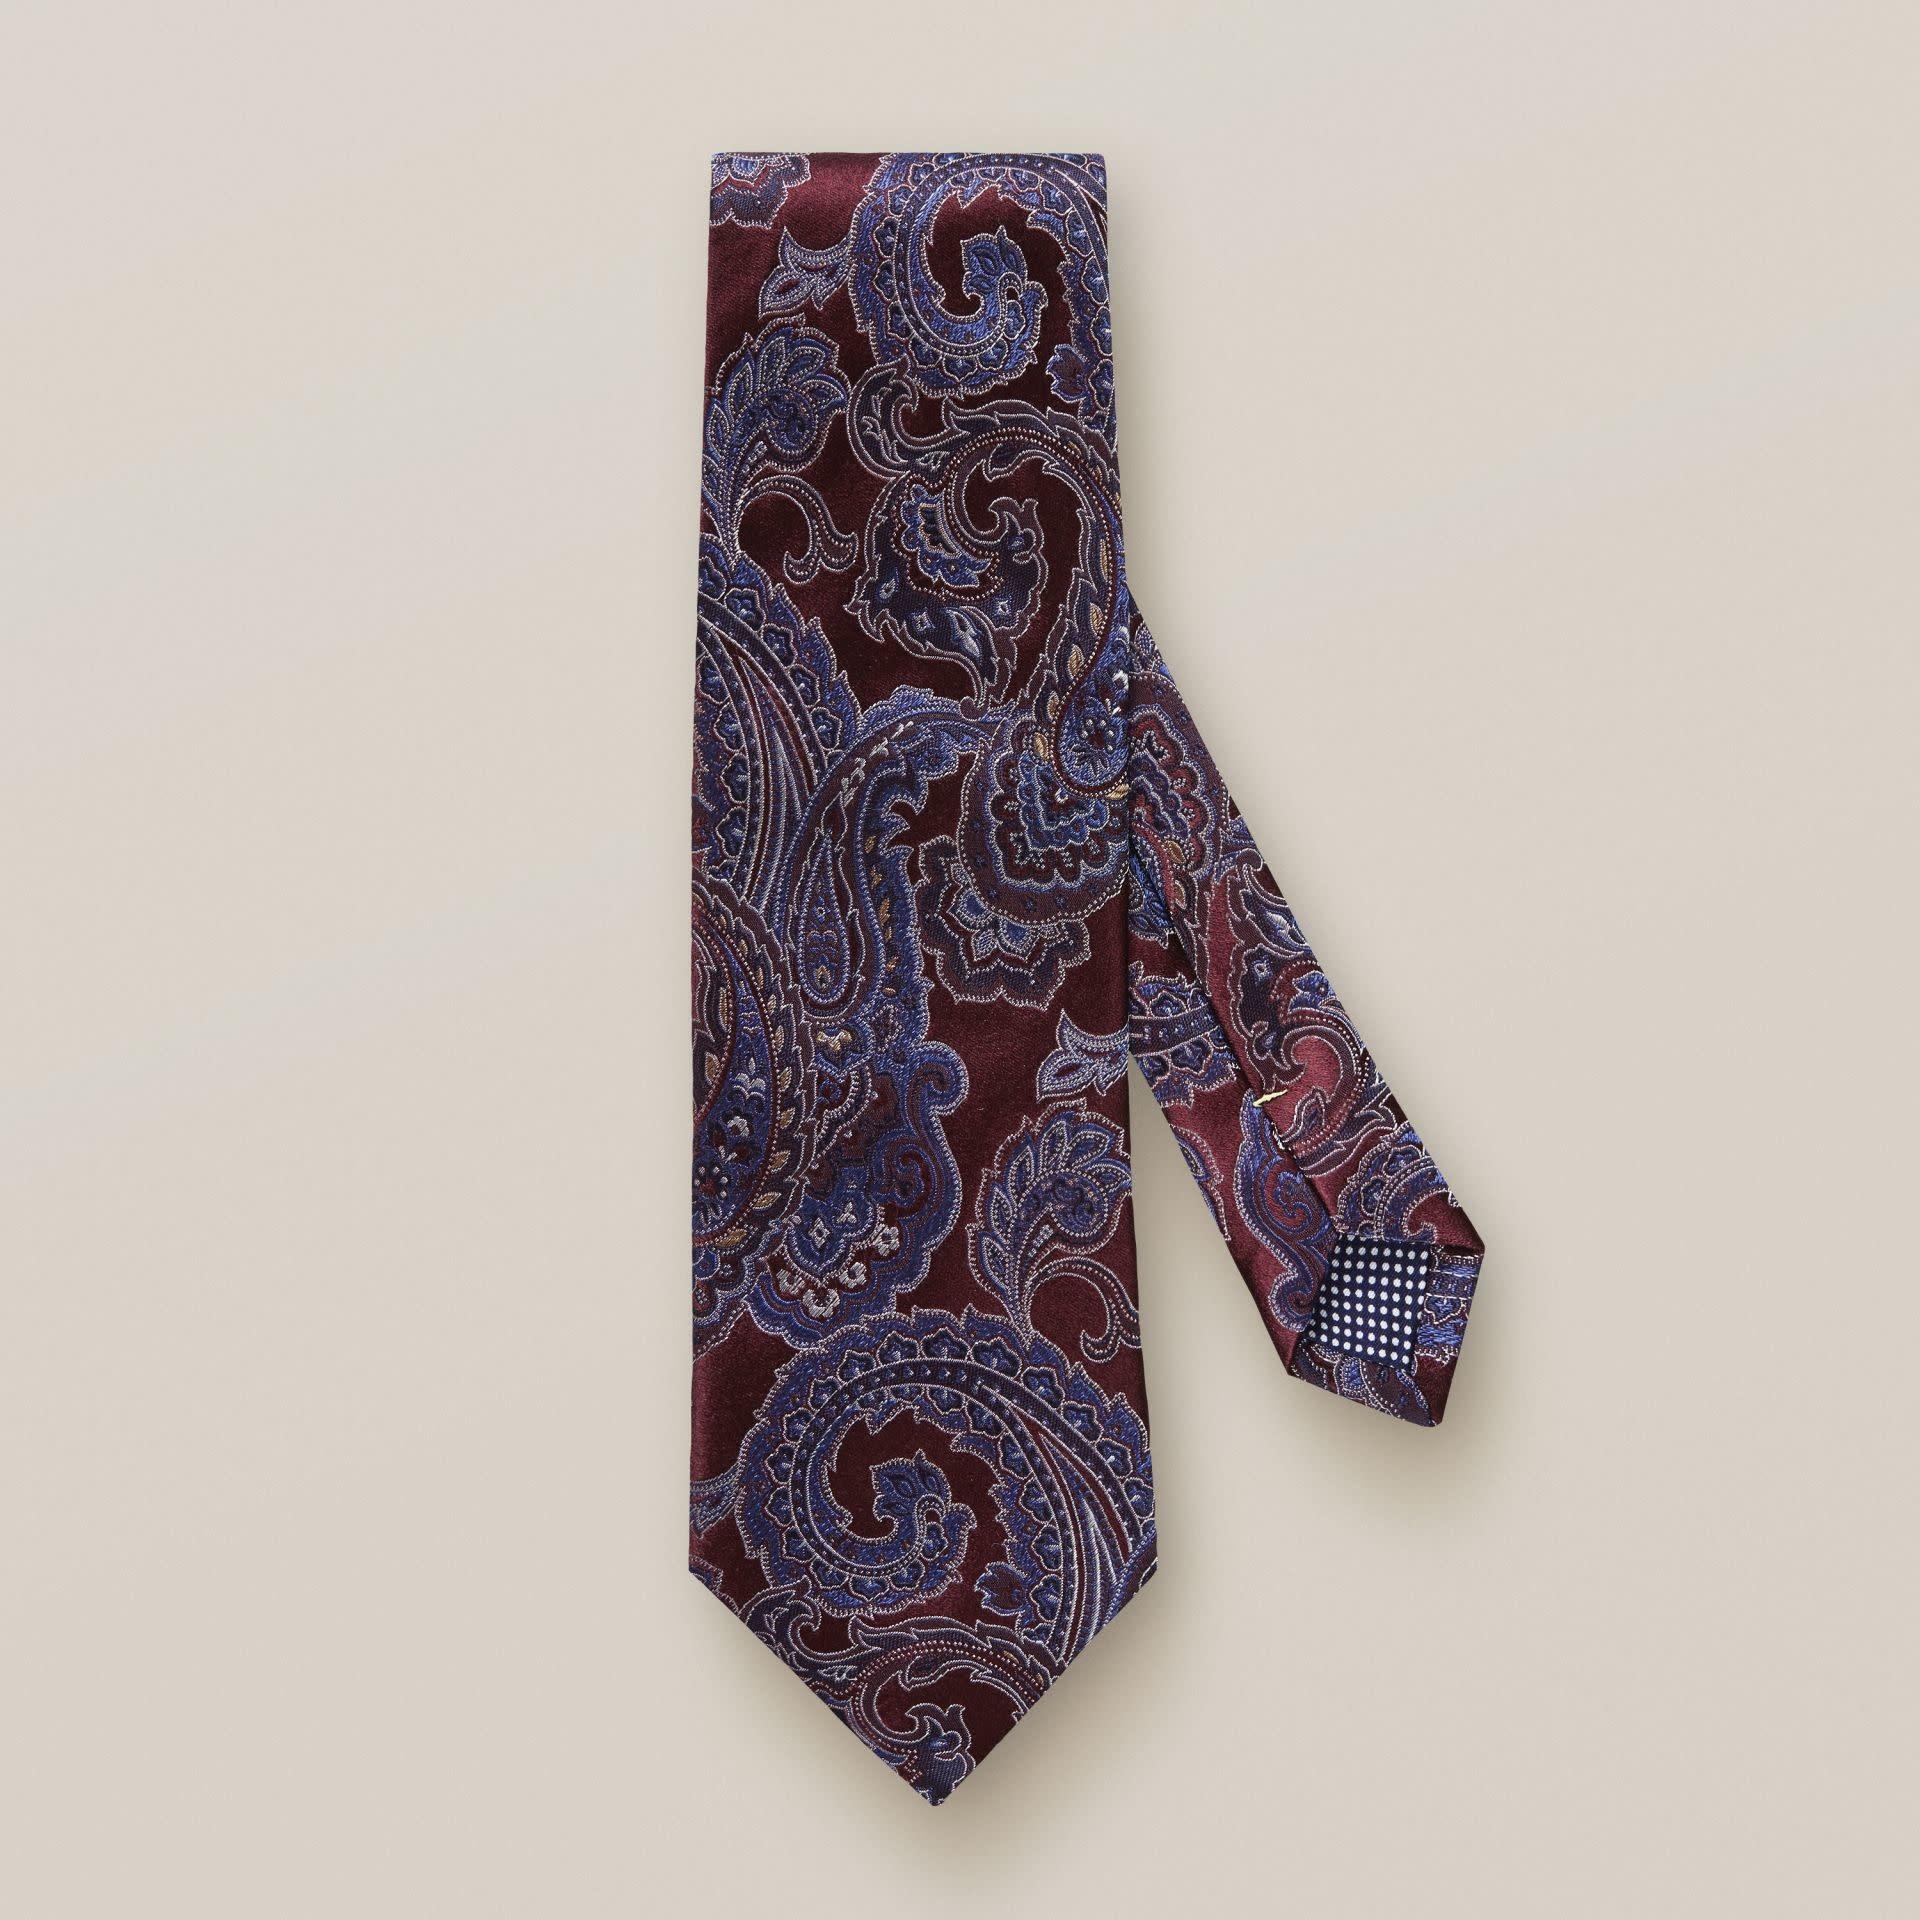 Eton Red Jacquard Paisley Tie